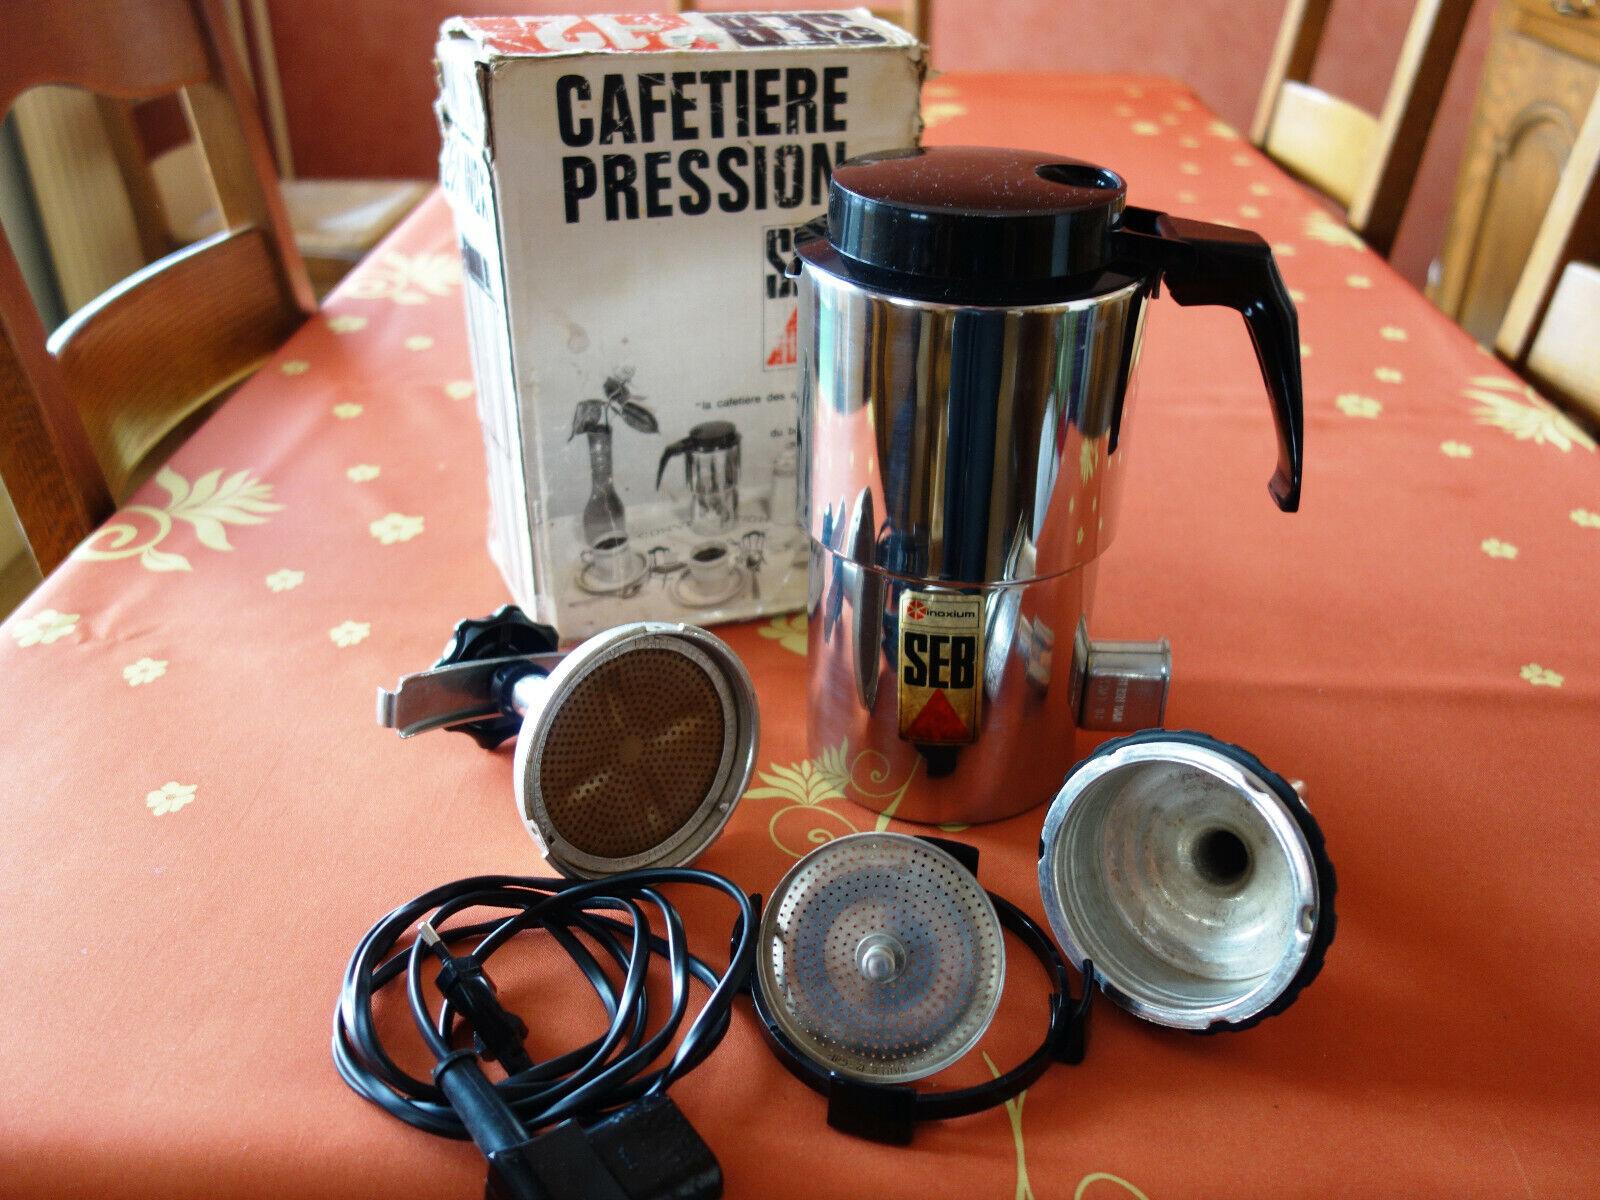 Cafetière moka electrique 6 décilitres seb en inox 18.10 en excellent état.